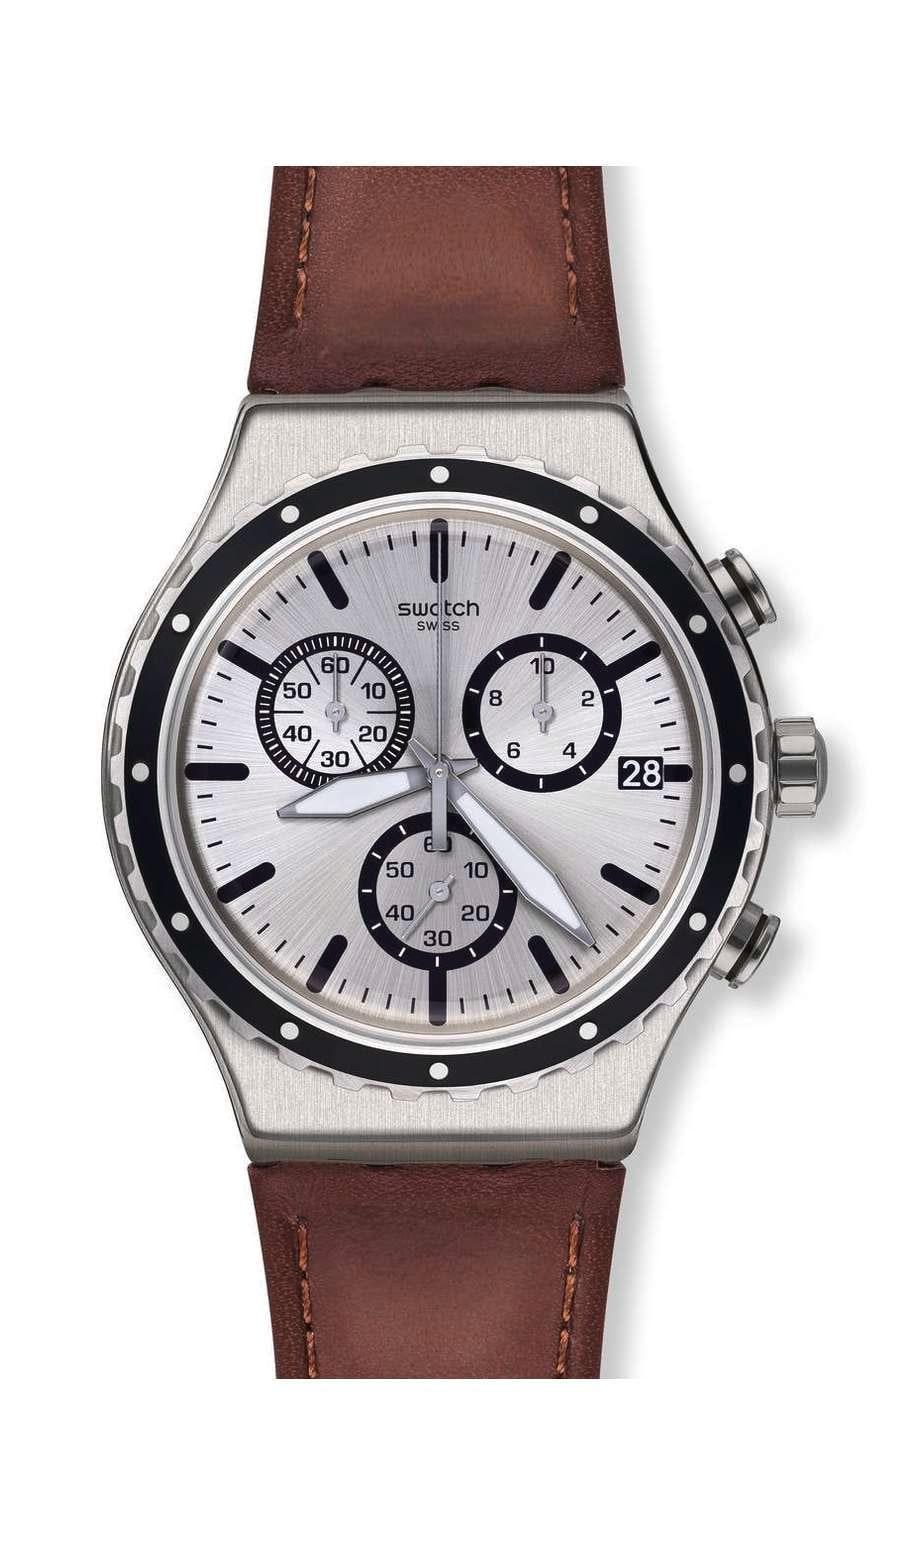 Swatch - GRANDINO - 1